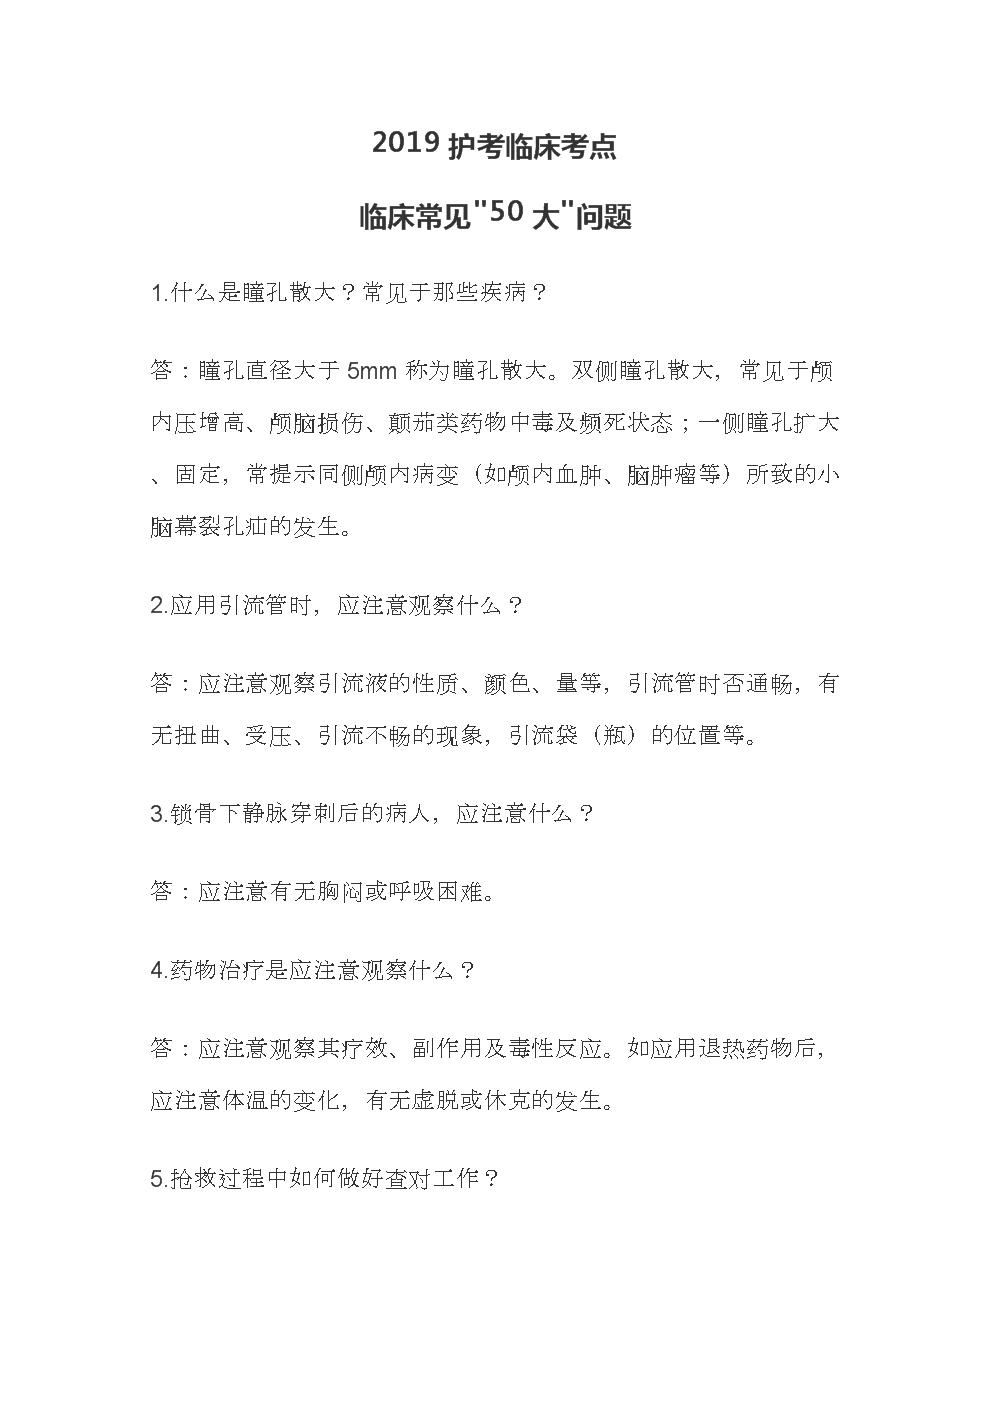 【必备】护考临床必考干货总结.docx